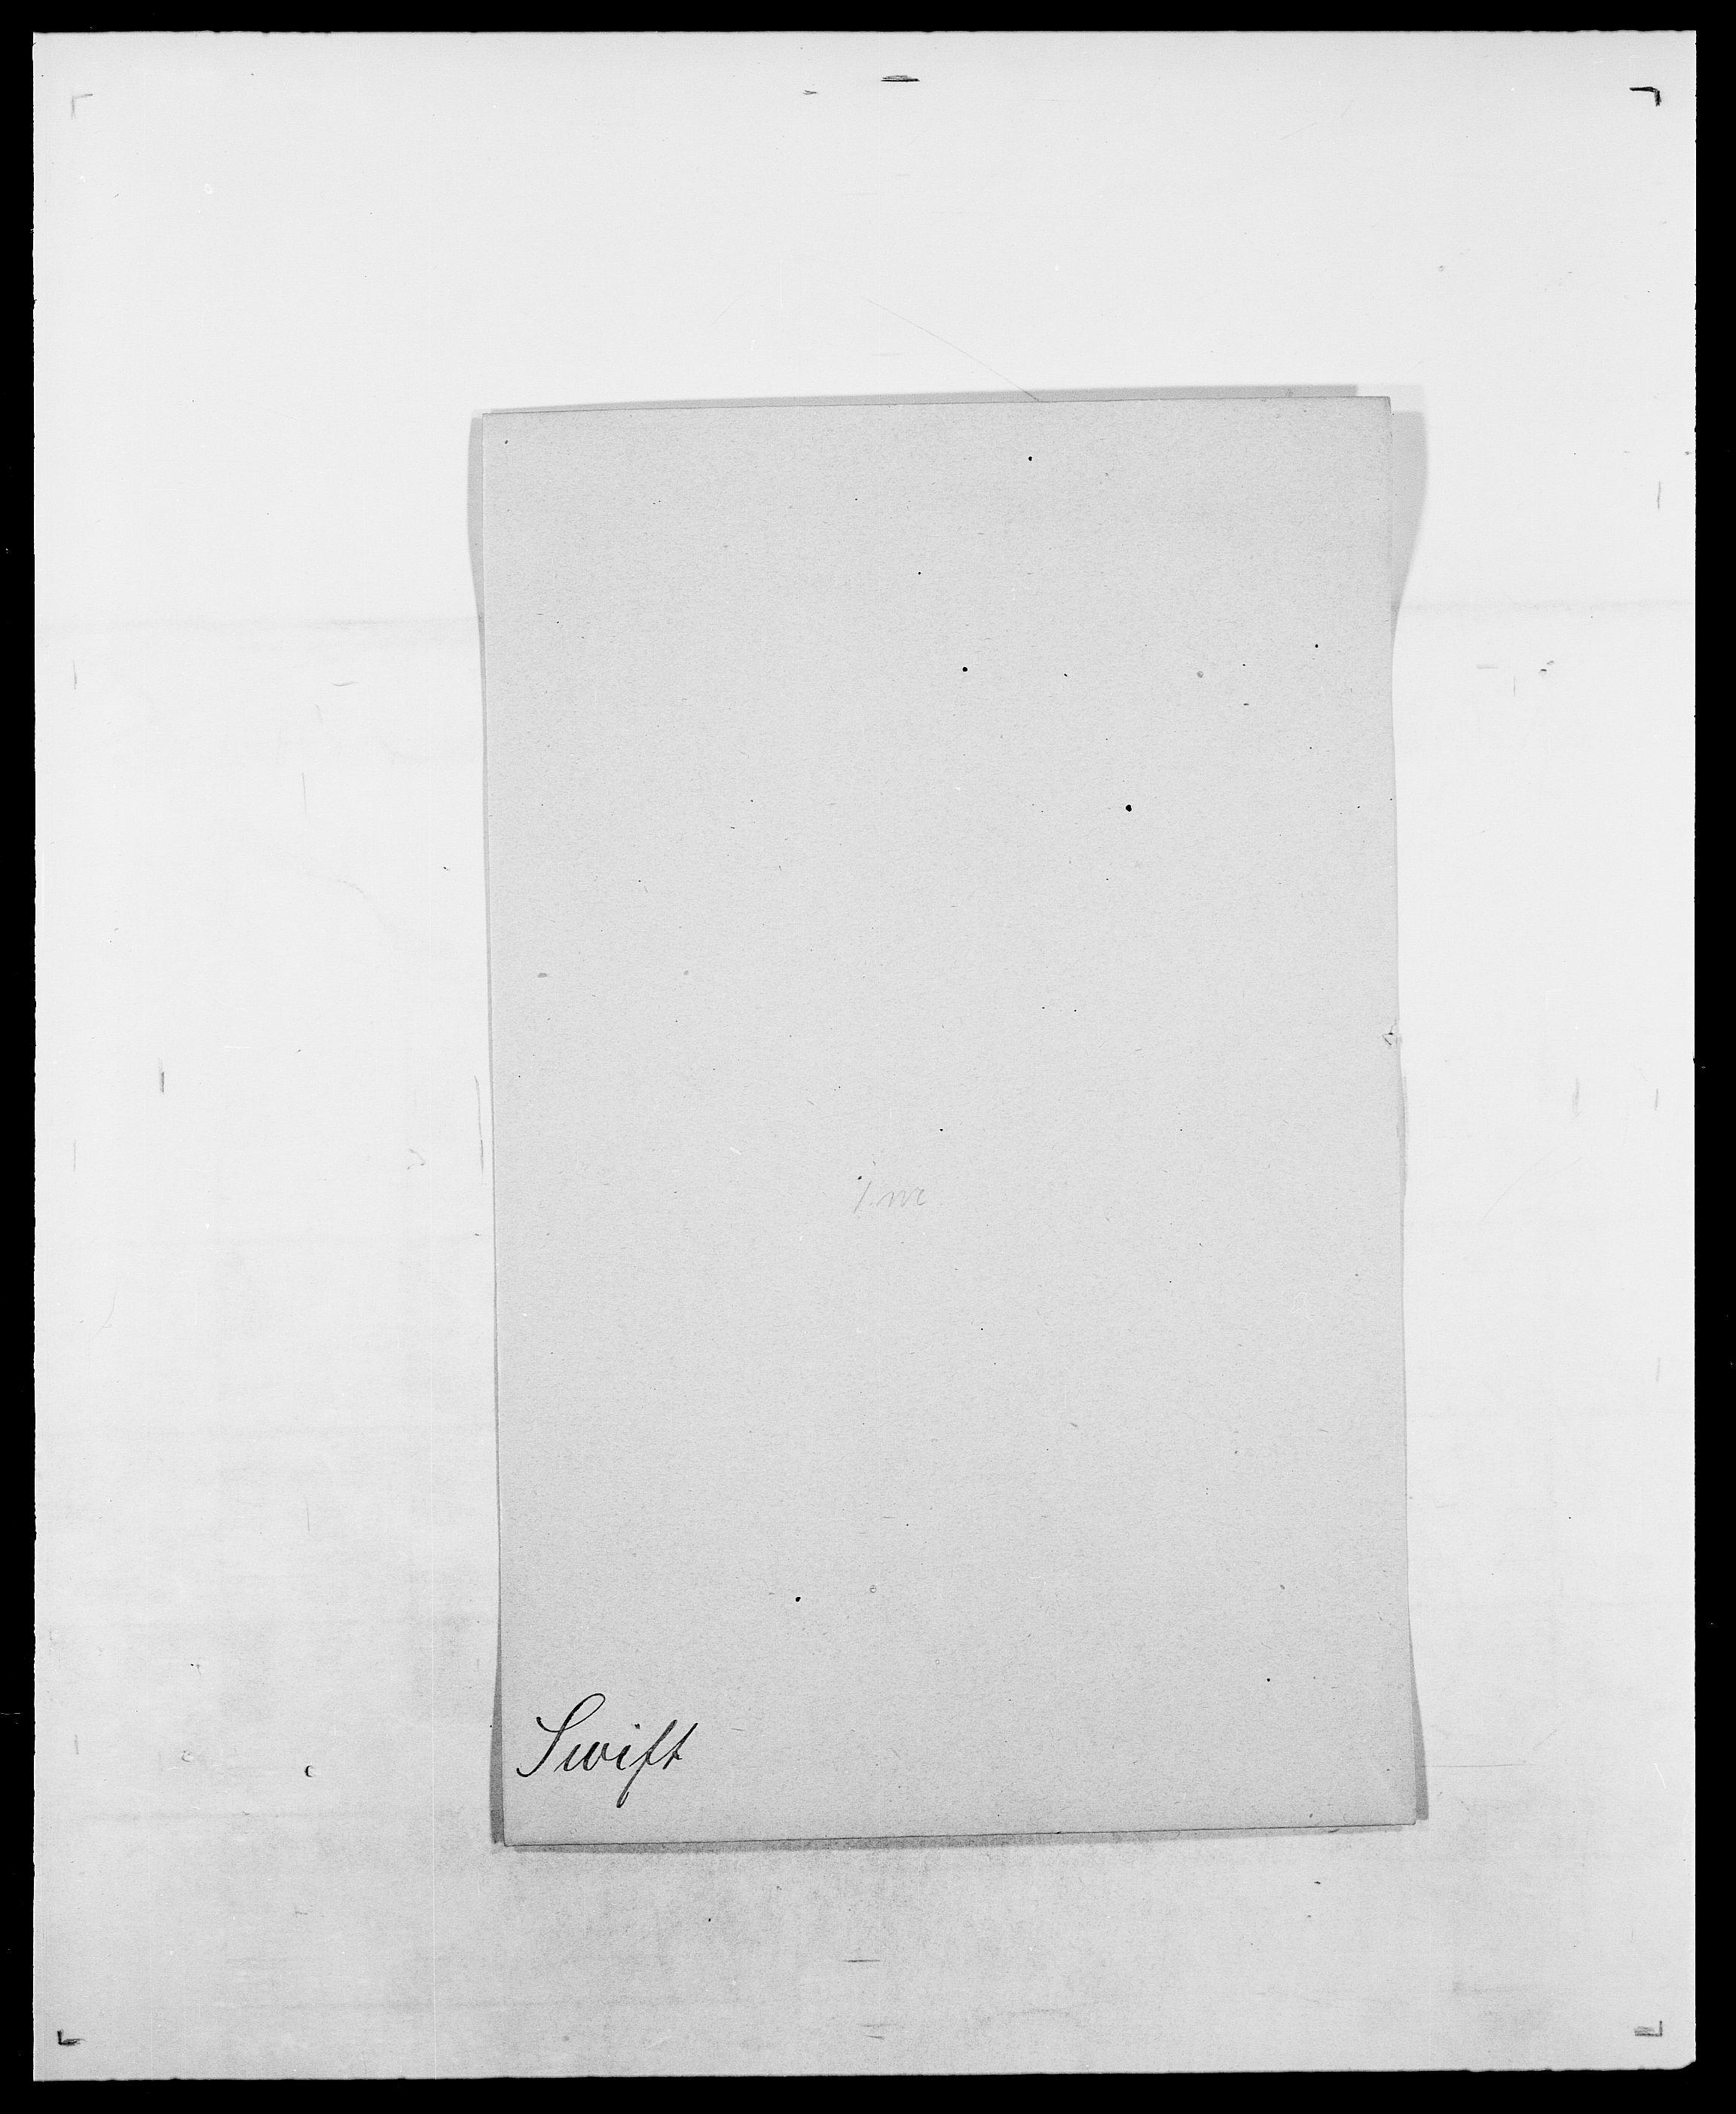 SAO, Delgobe, Charles Antoine - samling, D/Da/L0038: Svanenskjold - Thornsohn, s. 82